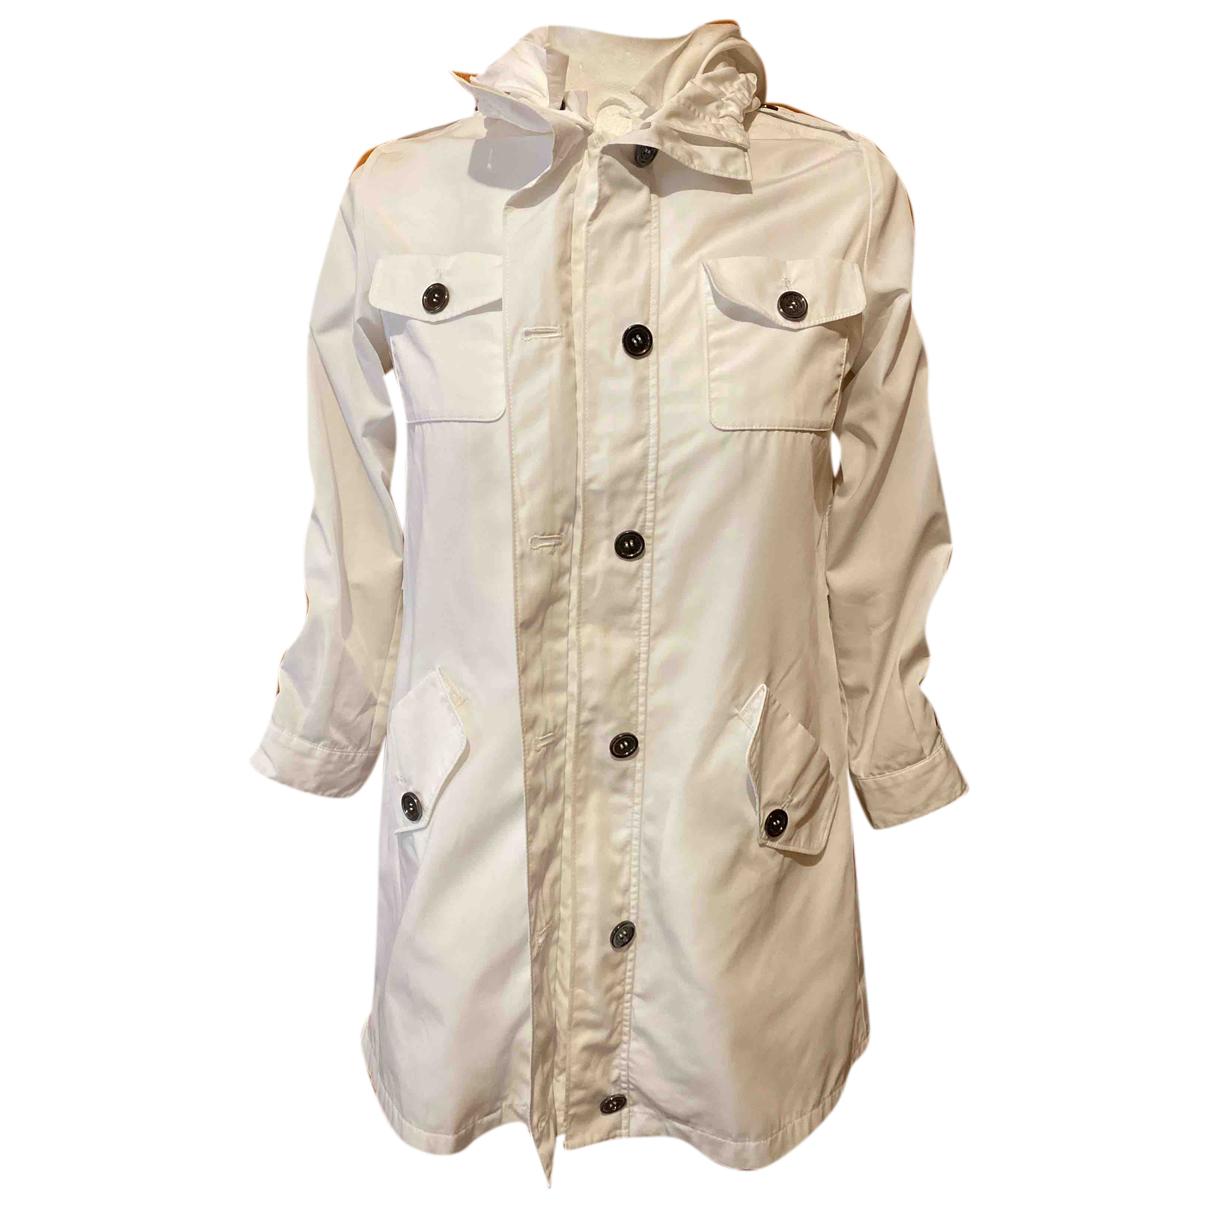 Burberry - Blousons.Manteaux   pour enfant - blanc